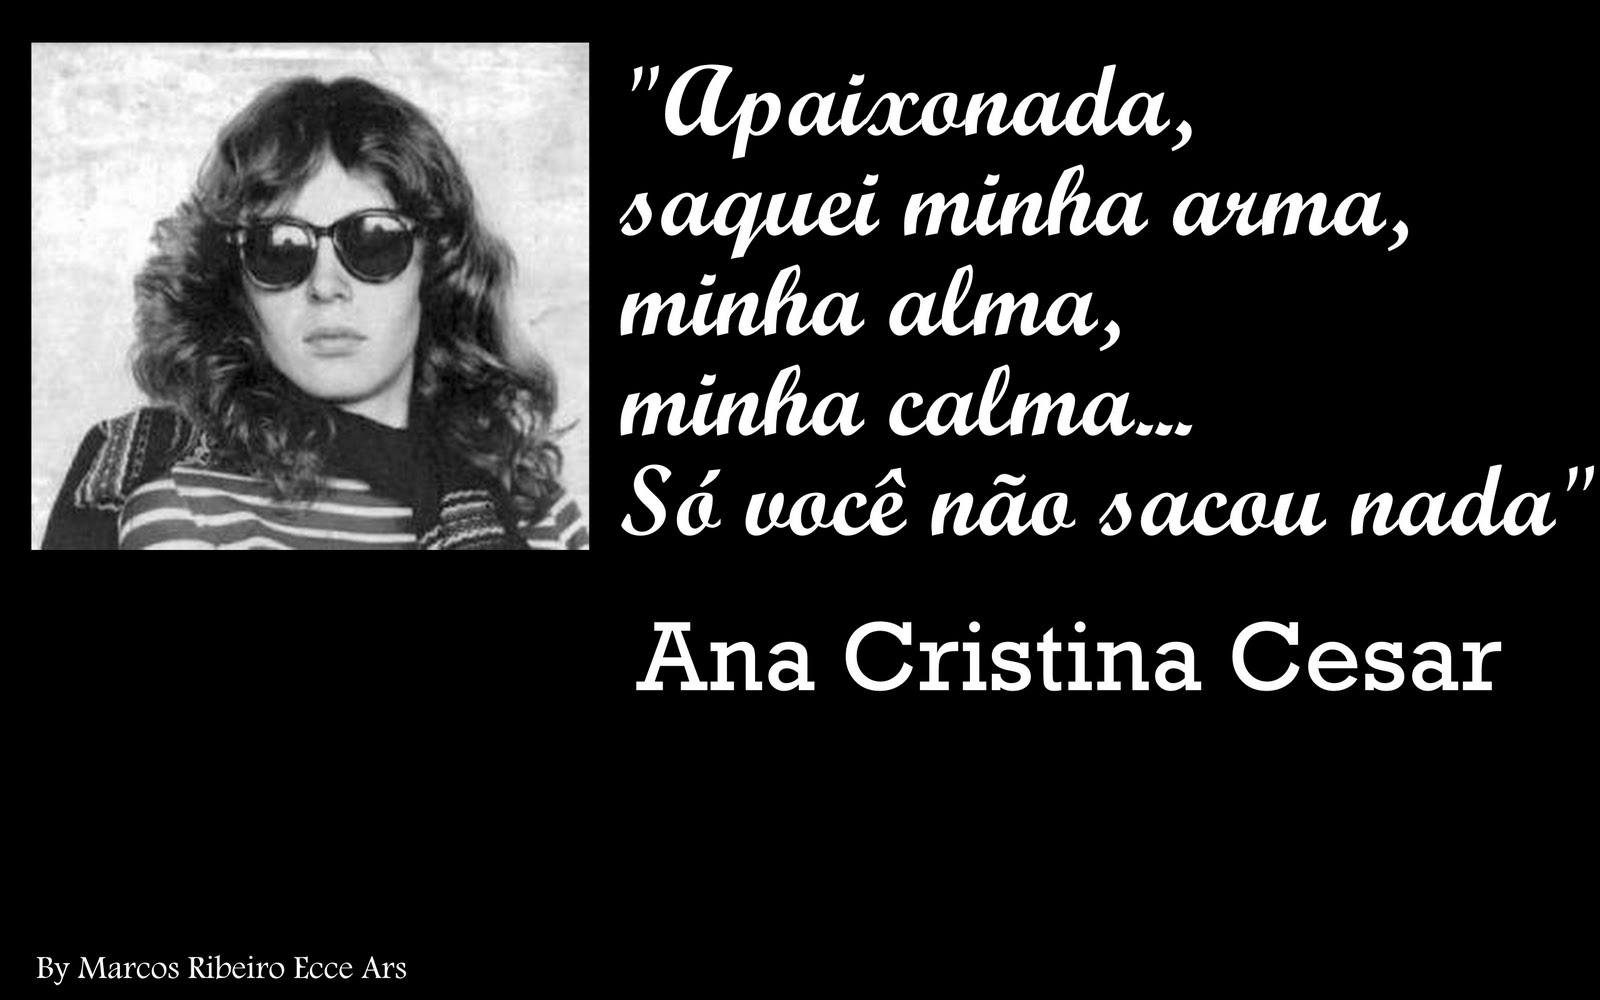 TRIBUNA DA INTERNET | O beijo, num doce momento de amor, na visão poética  de Ana Cristina Cesar